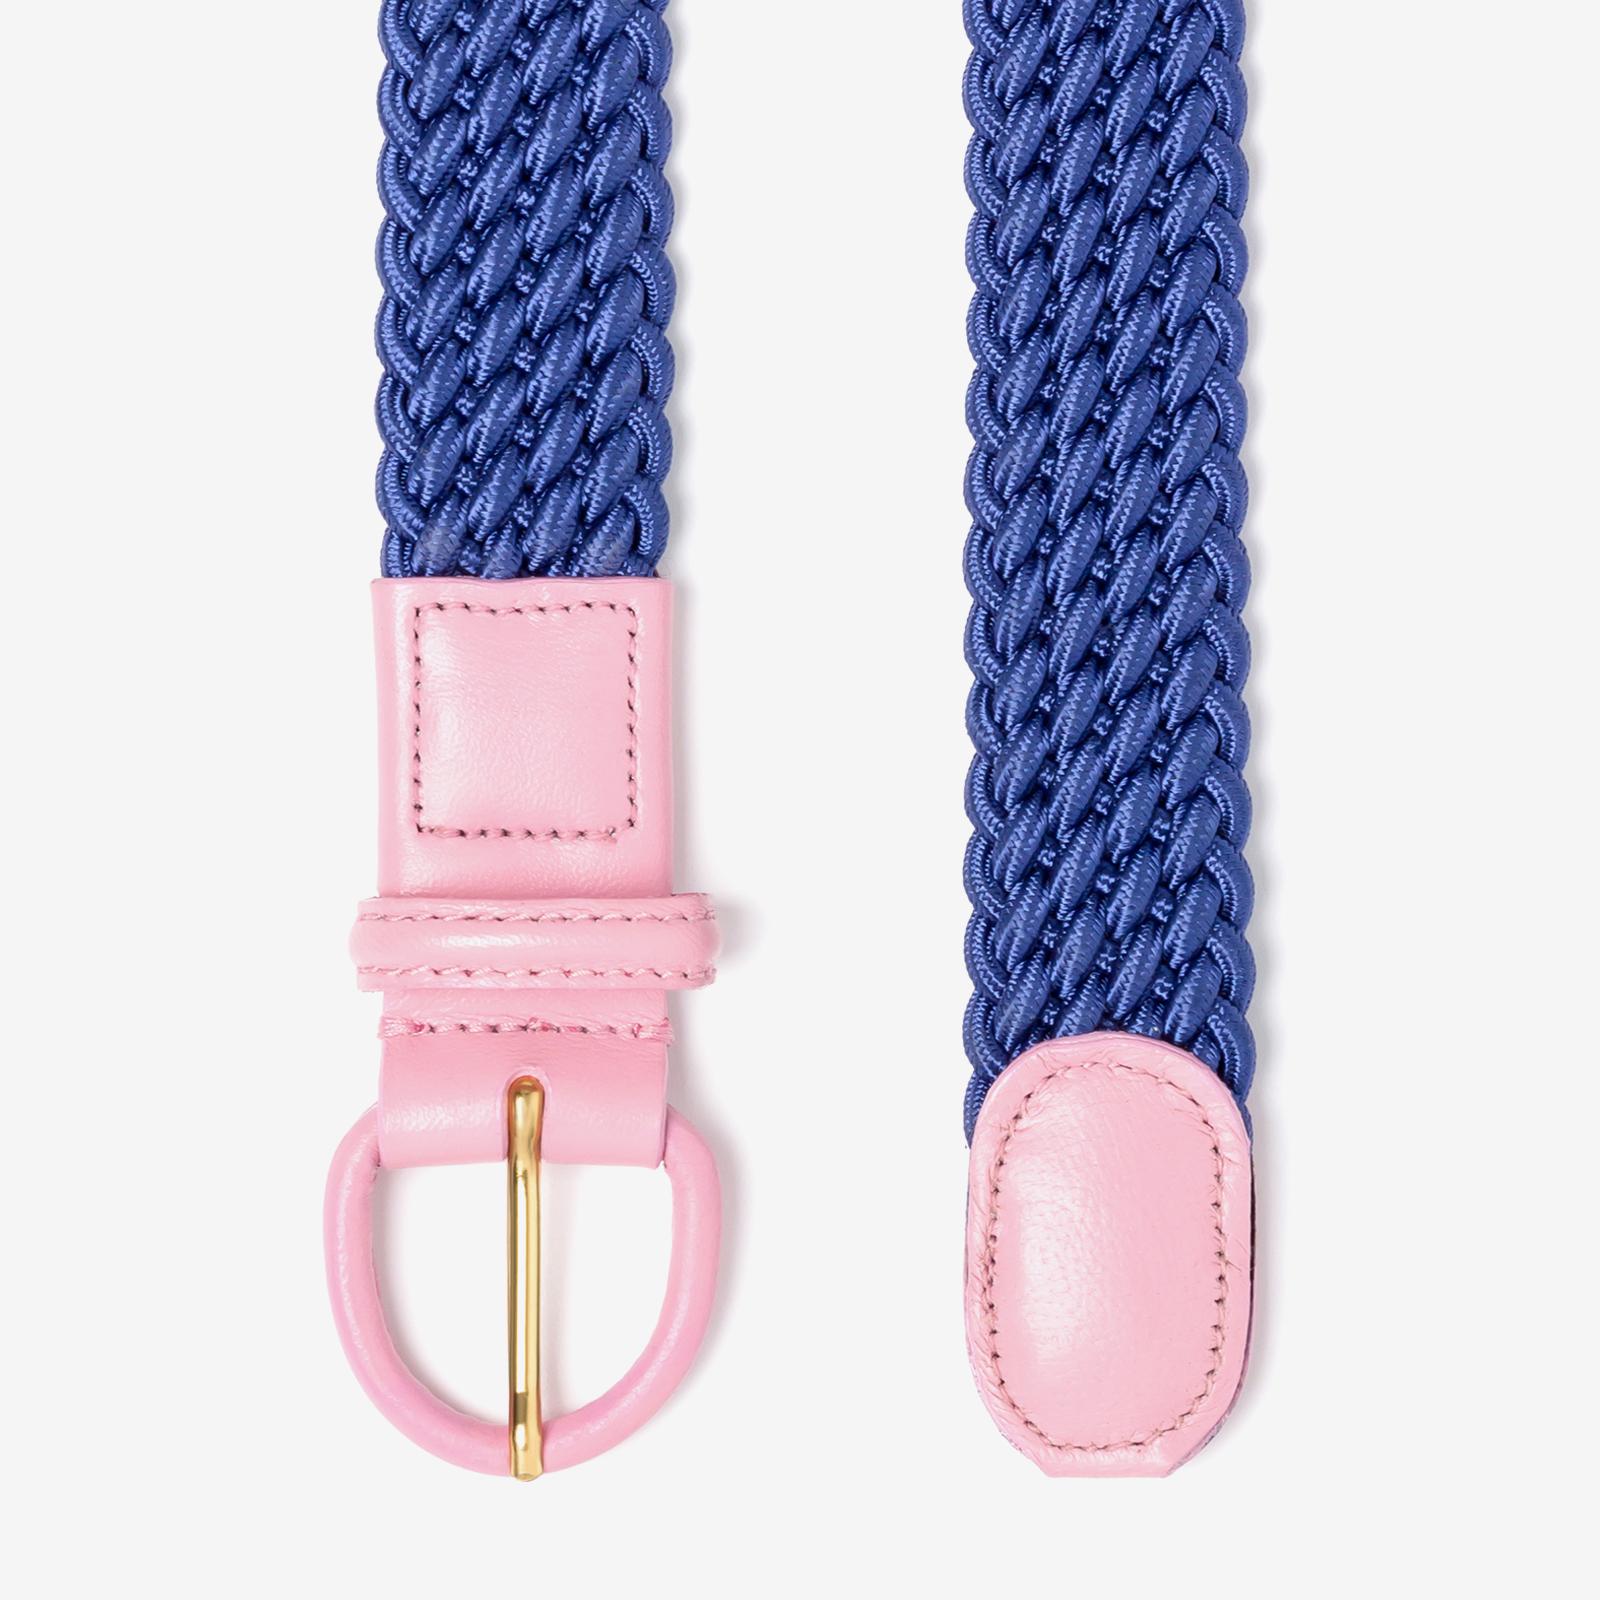 belt product photo, belt product photography